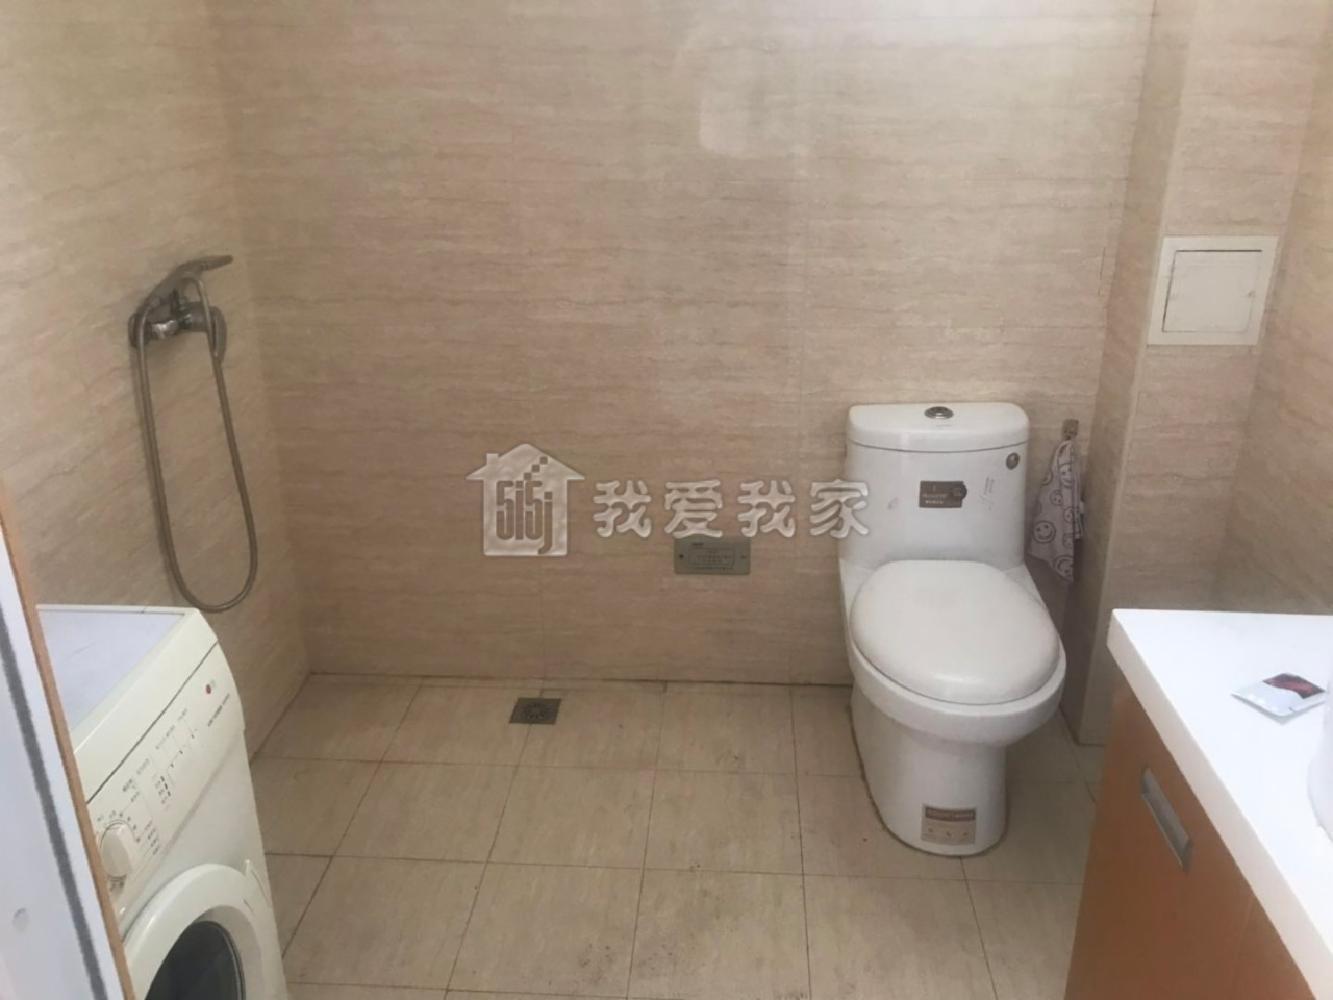 秦淮区朝天宫侯家桥16号租房